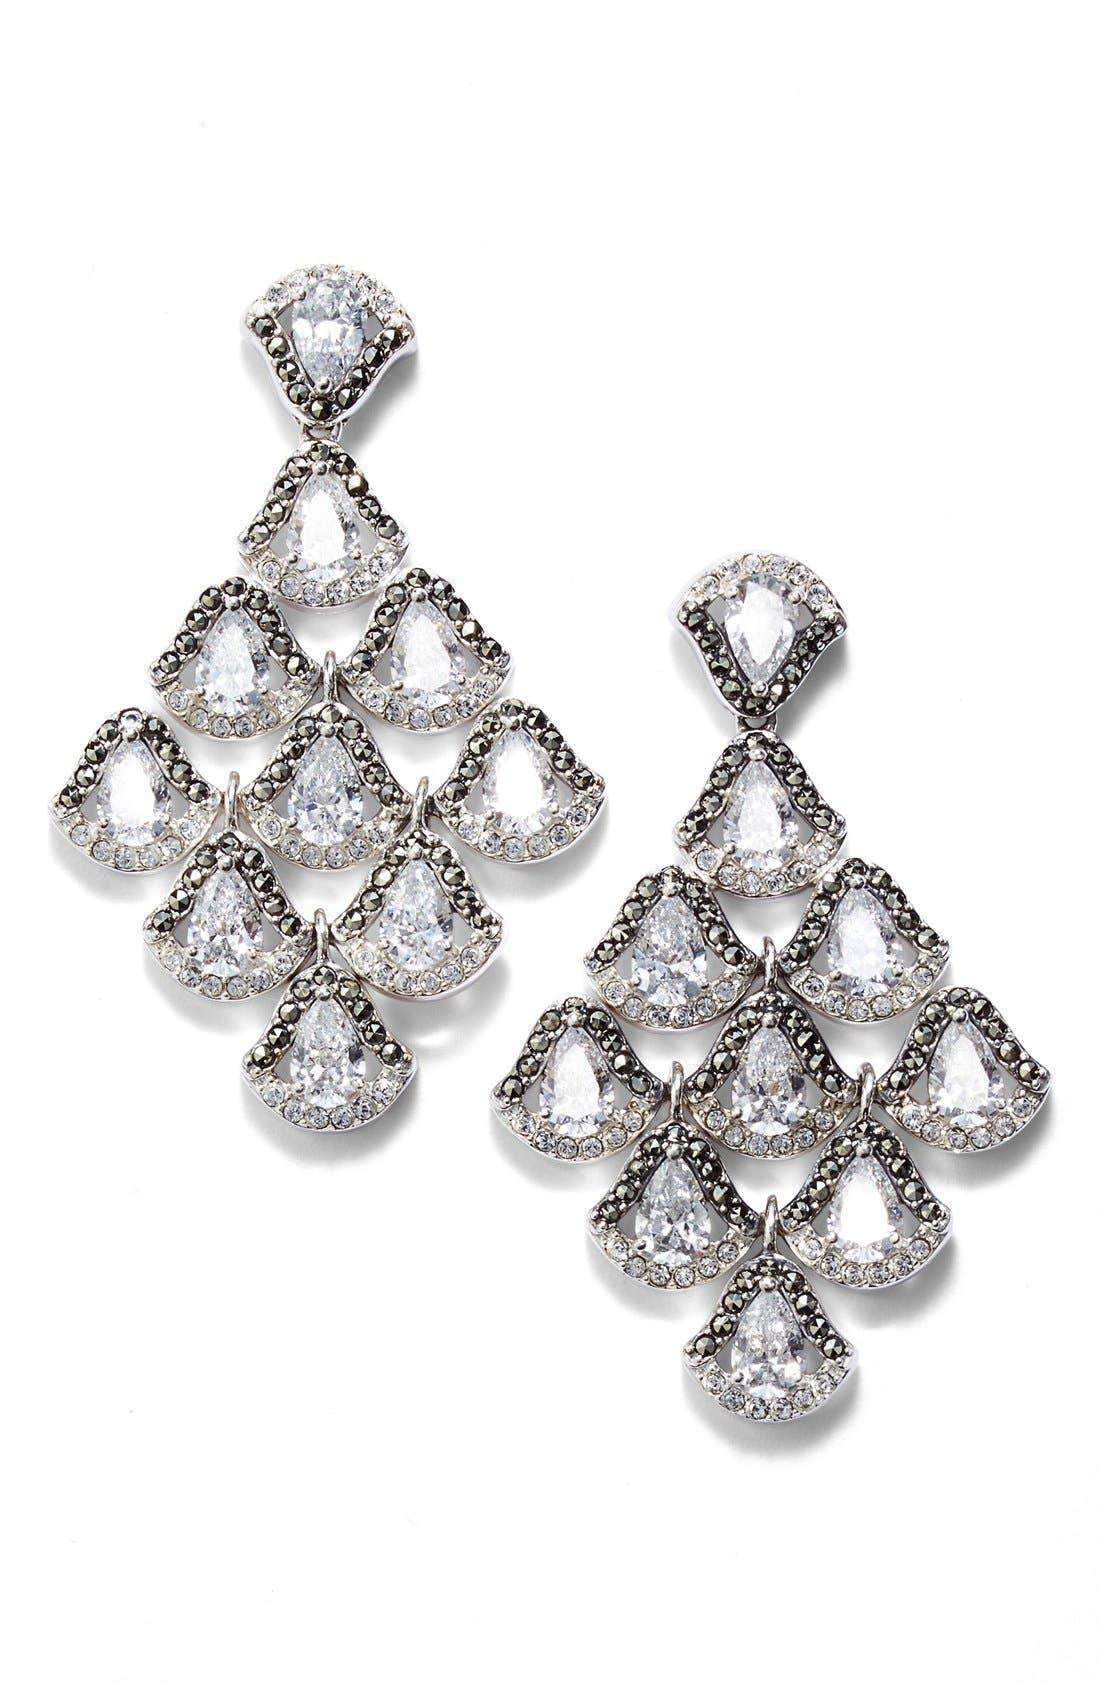 JUDITH JACK Semiprecious Stone Chandelier Earrings